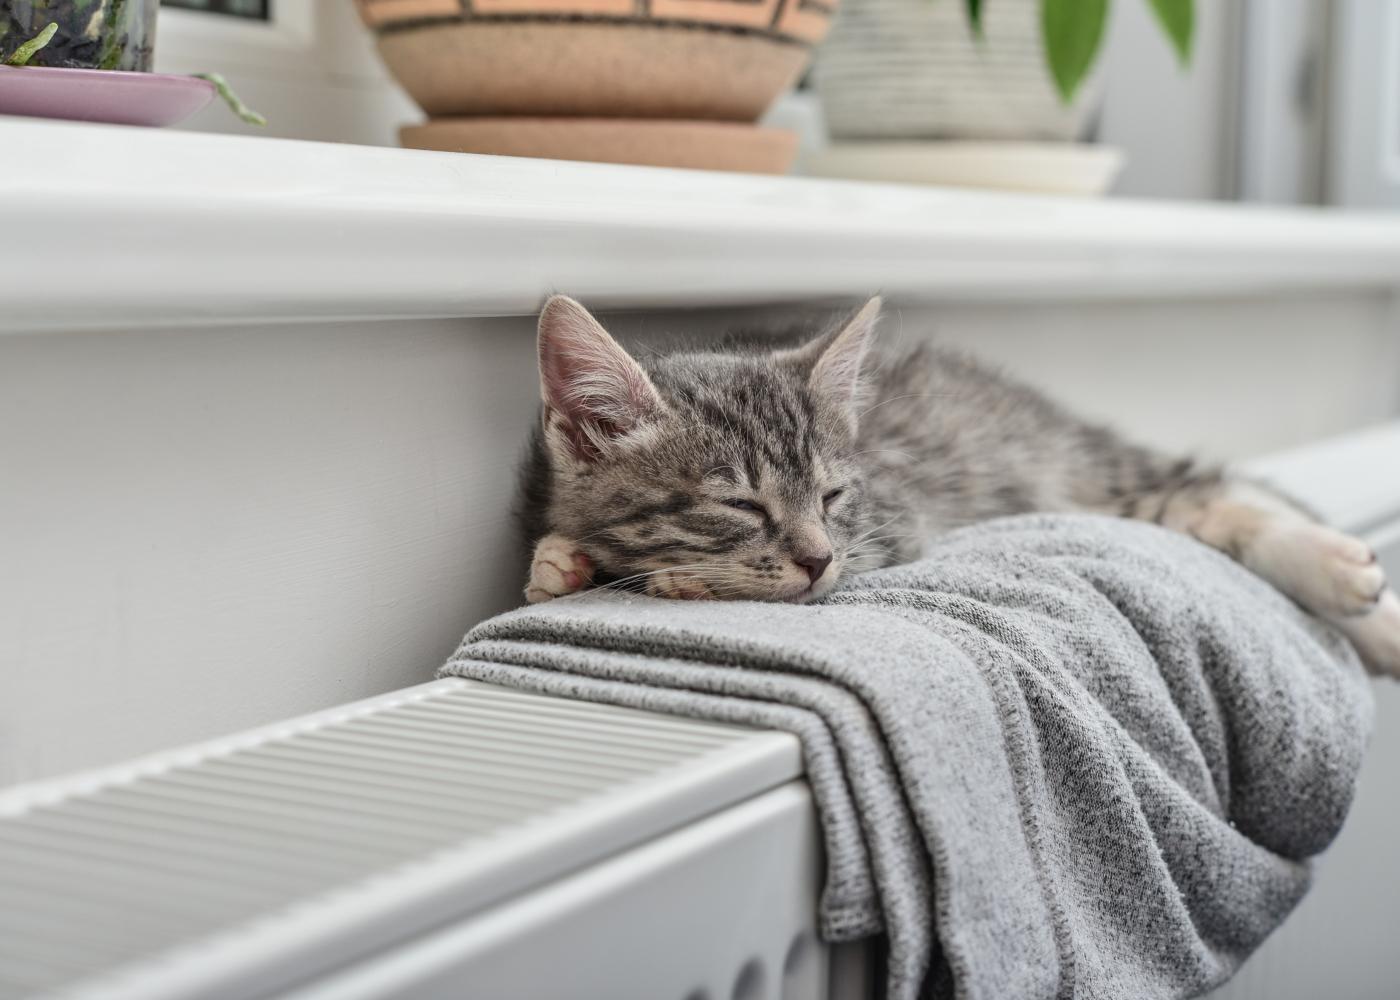 gato a dormir no aquecimento central